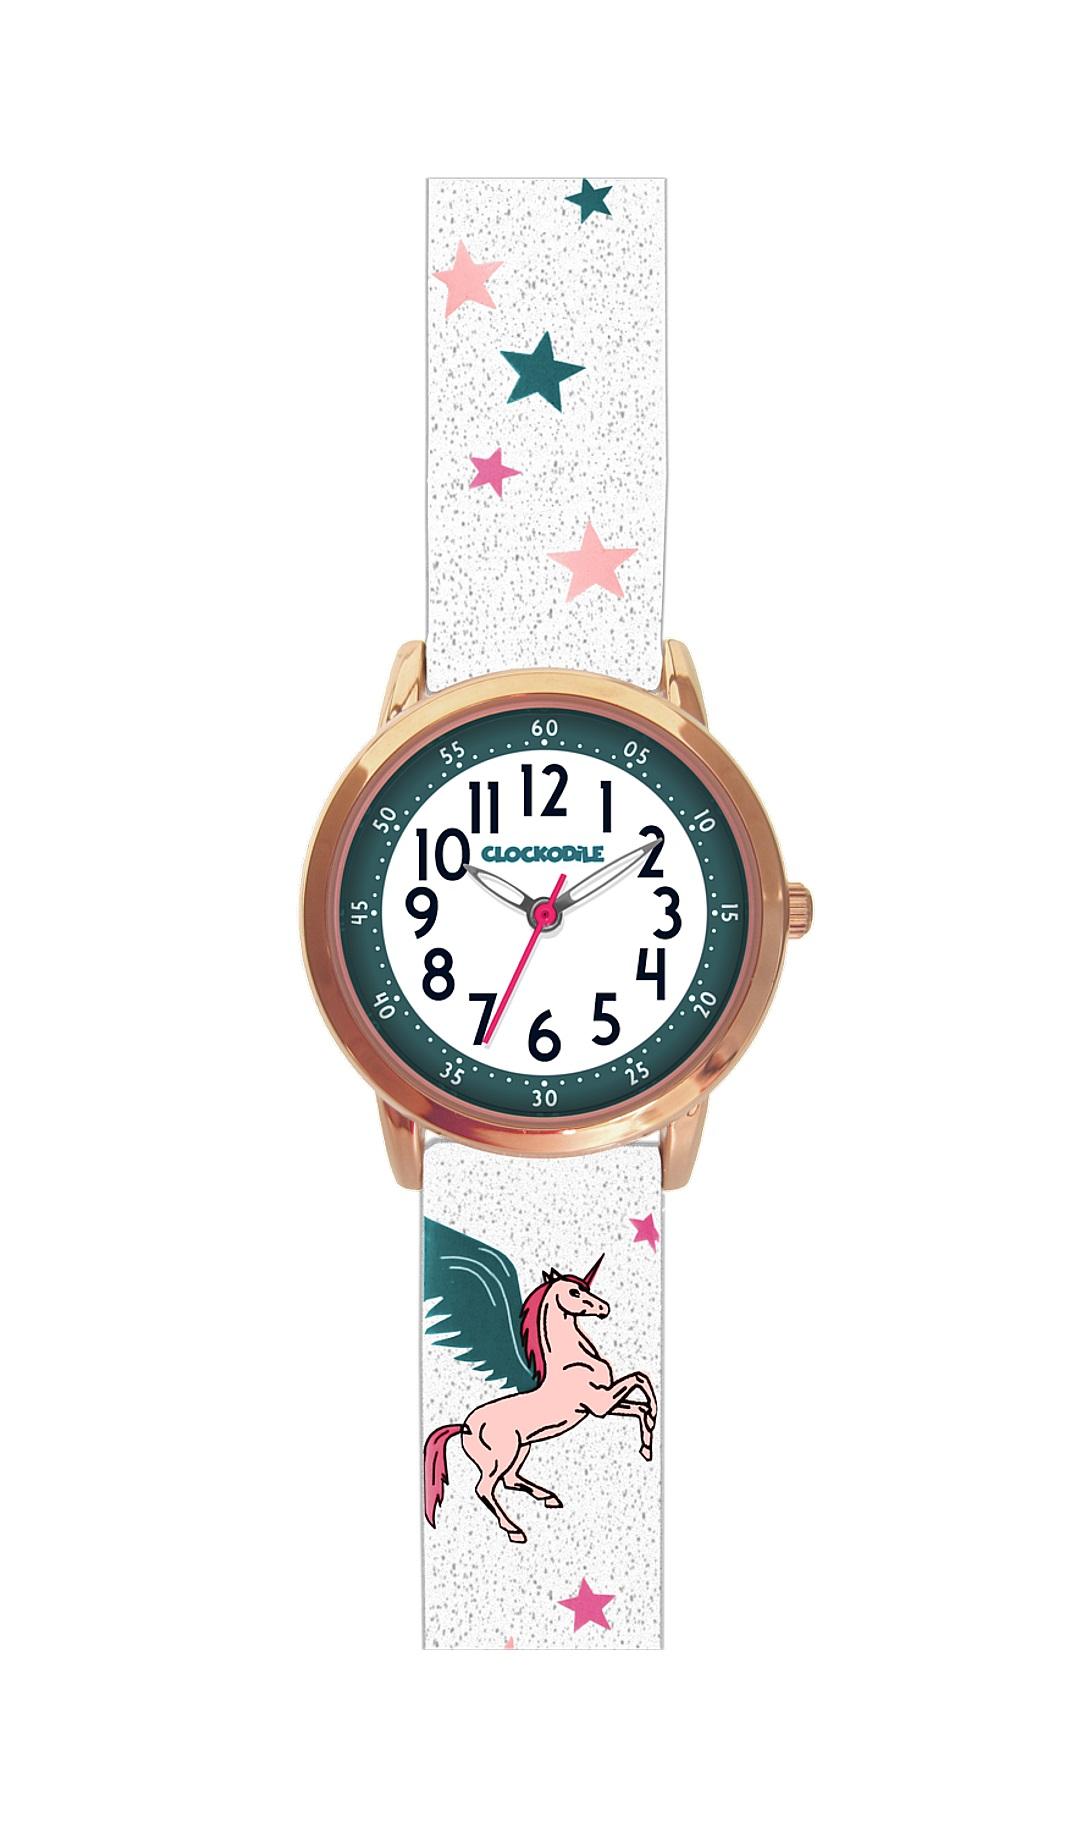 Třpytivé dívčí hodinky s růžovým jednorožcem CLOCKODILE UNICORNS CWG5030